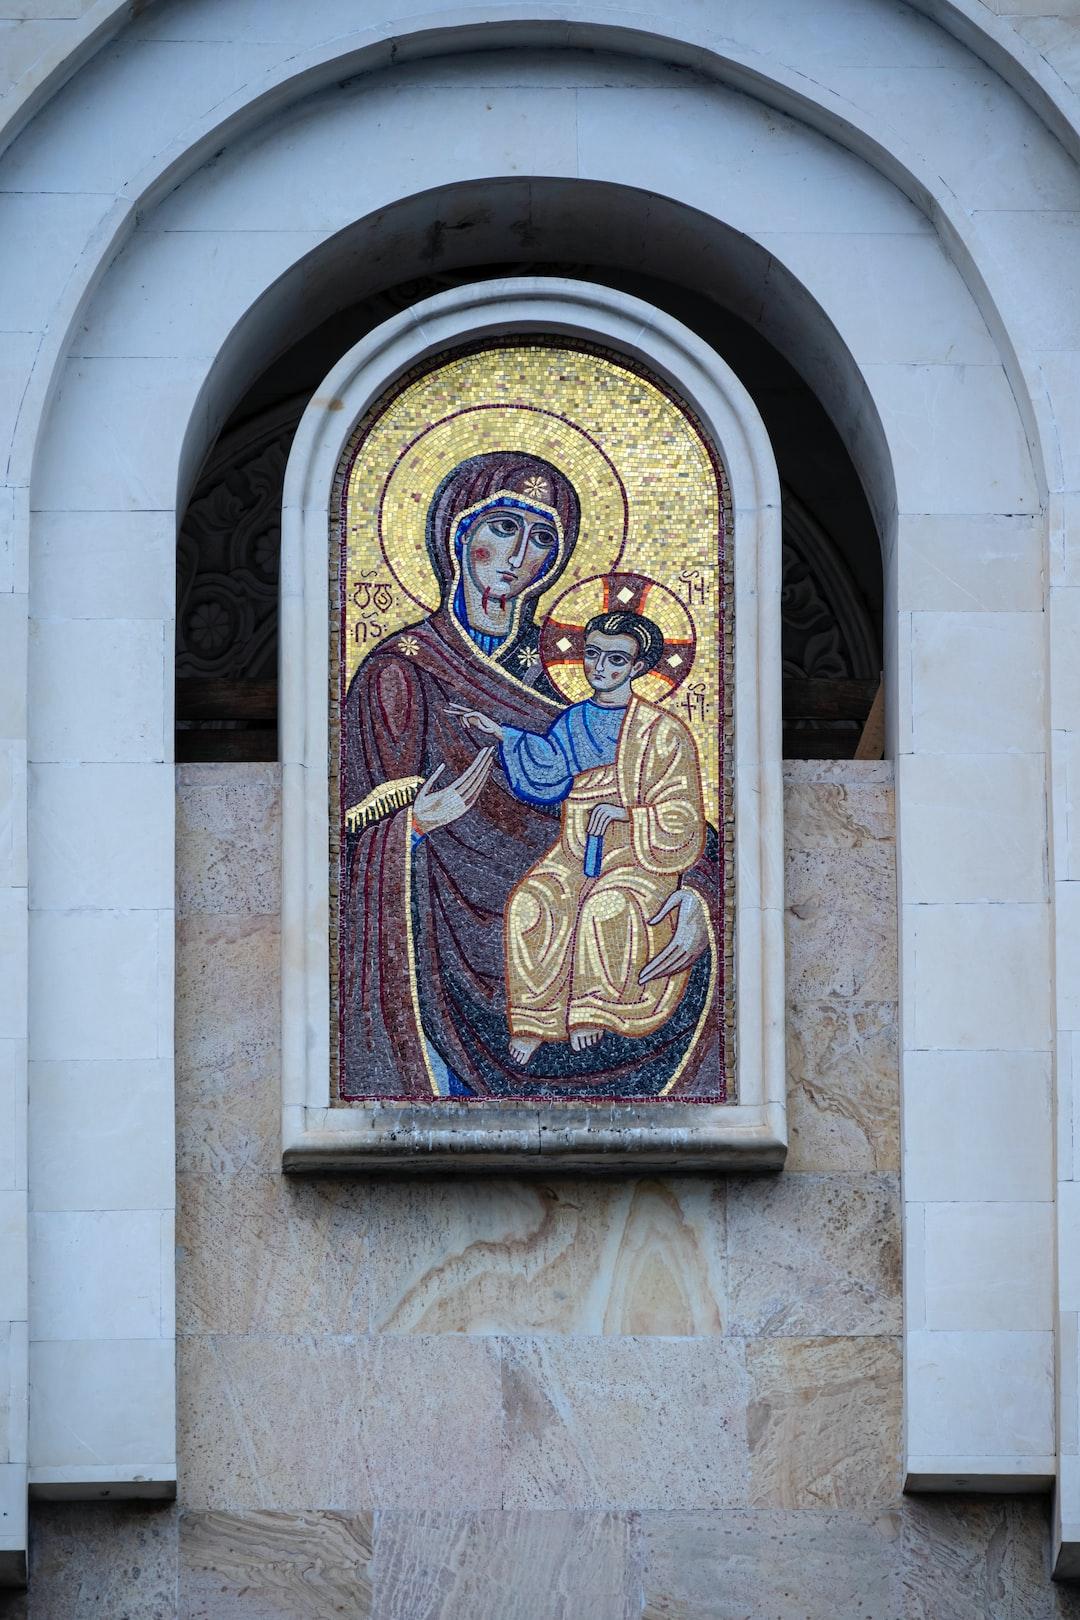 La cathédrale de la Sainte-Trinité de Tbilissi ou Tsminda Saméba est la cathédrale de l'Église orthodoxe apostolique géorgienne à Tbilissi. Elle a été construite en 2004 et vouée à la sainte Trinité. Elle est le siège du Patriarcat de Géorgie. La cathédrale de Tbilissi était auparavant la cathédrale de Sion, en Vieille Ville. La nouvelle cathédrale, construite sur la colline de Saint-Élie dominant le fleuve Koura, inaugurée en 2006, est la plus grande église du Caucase méridional : métro Alvabari.